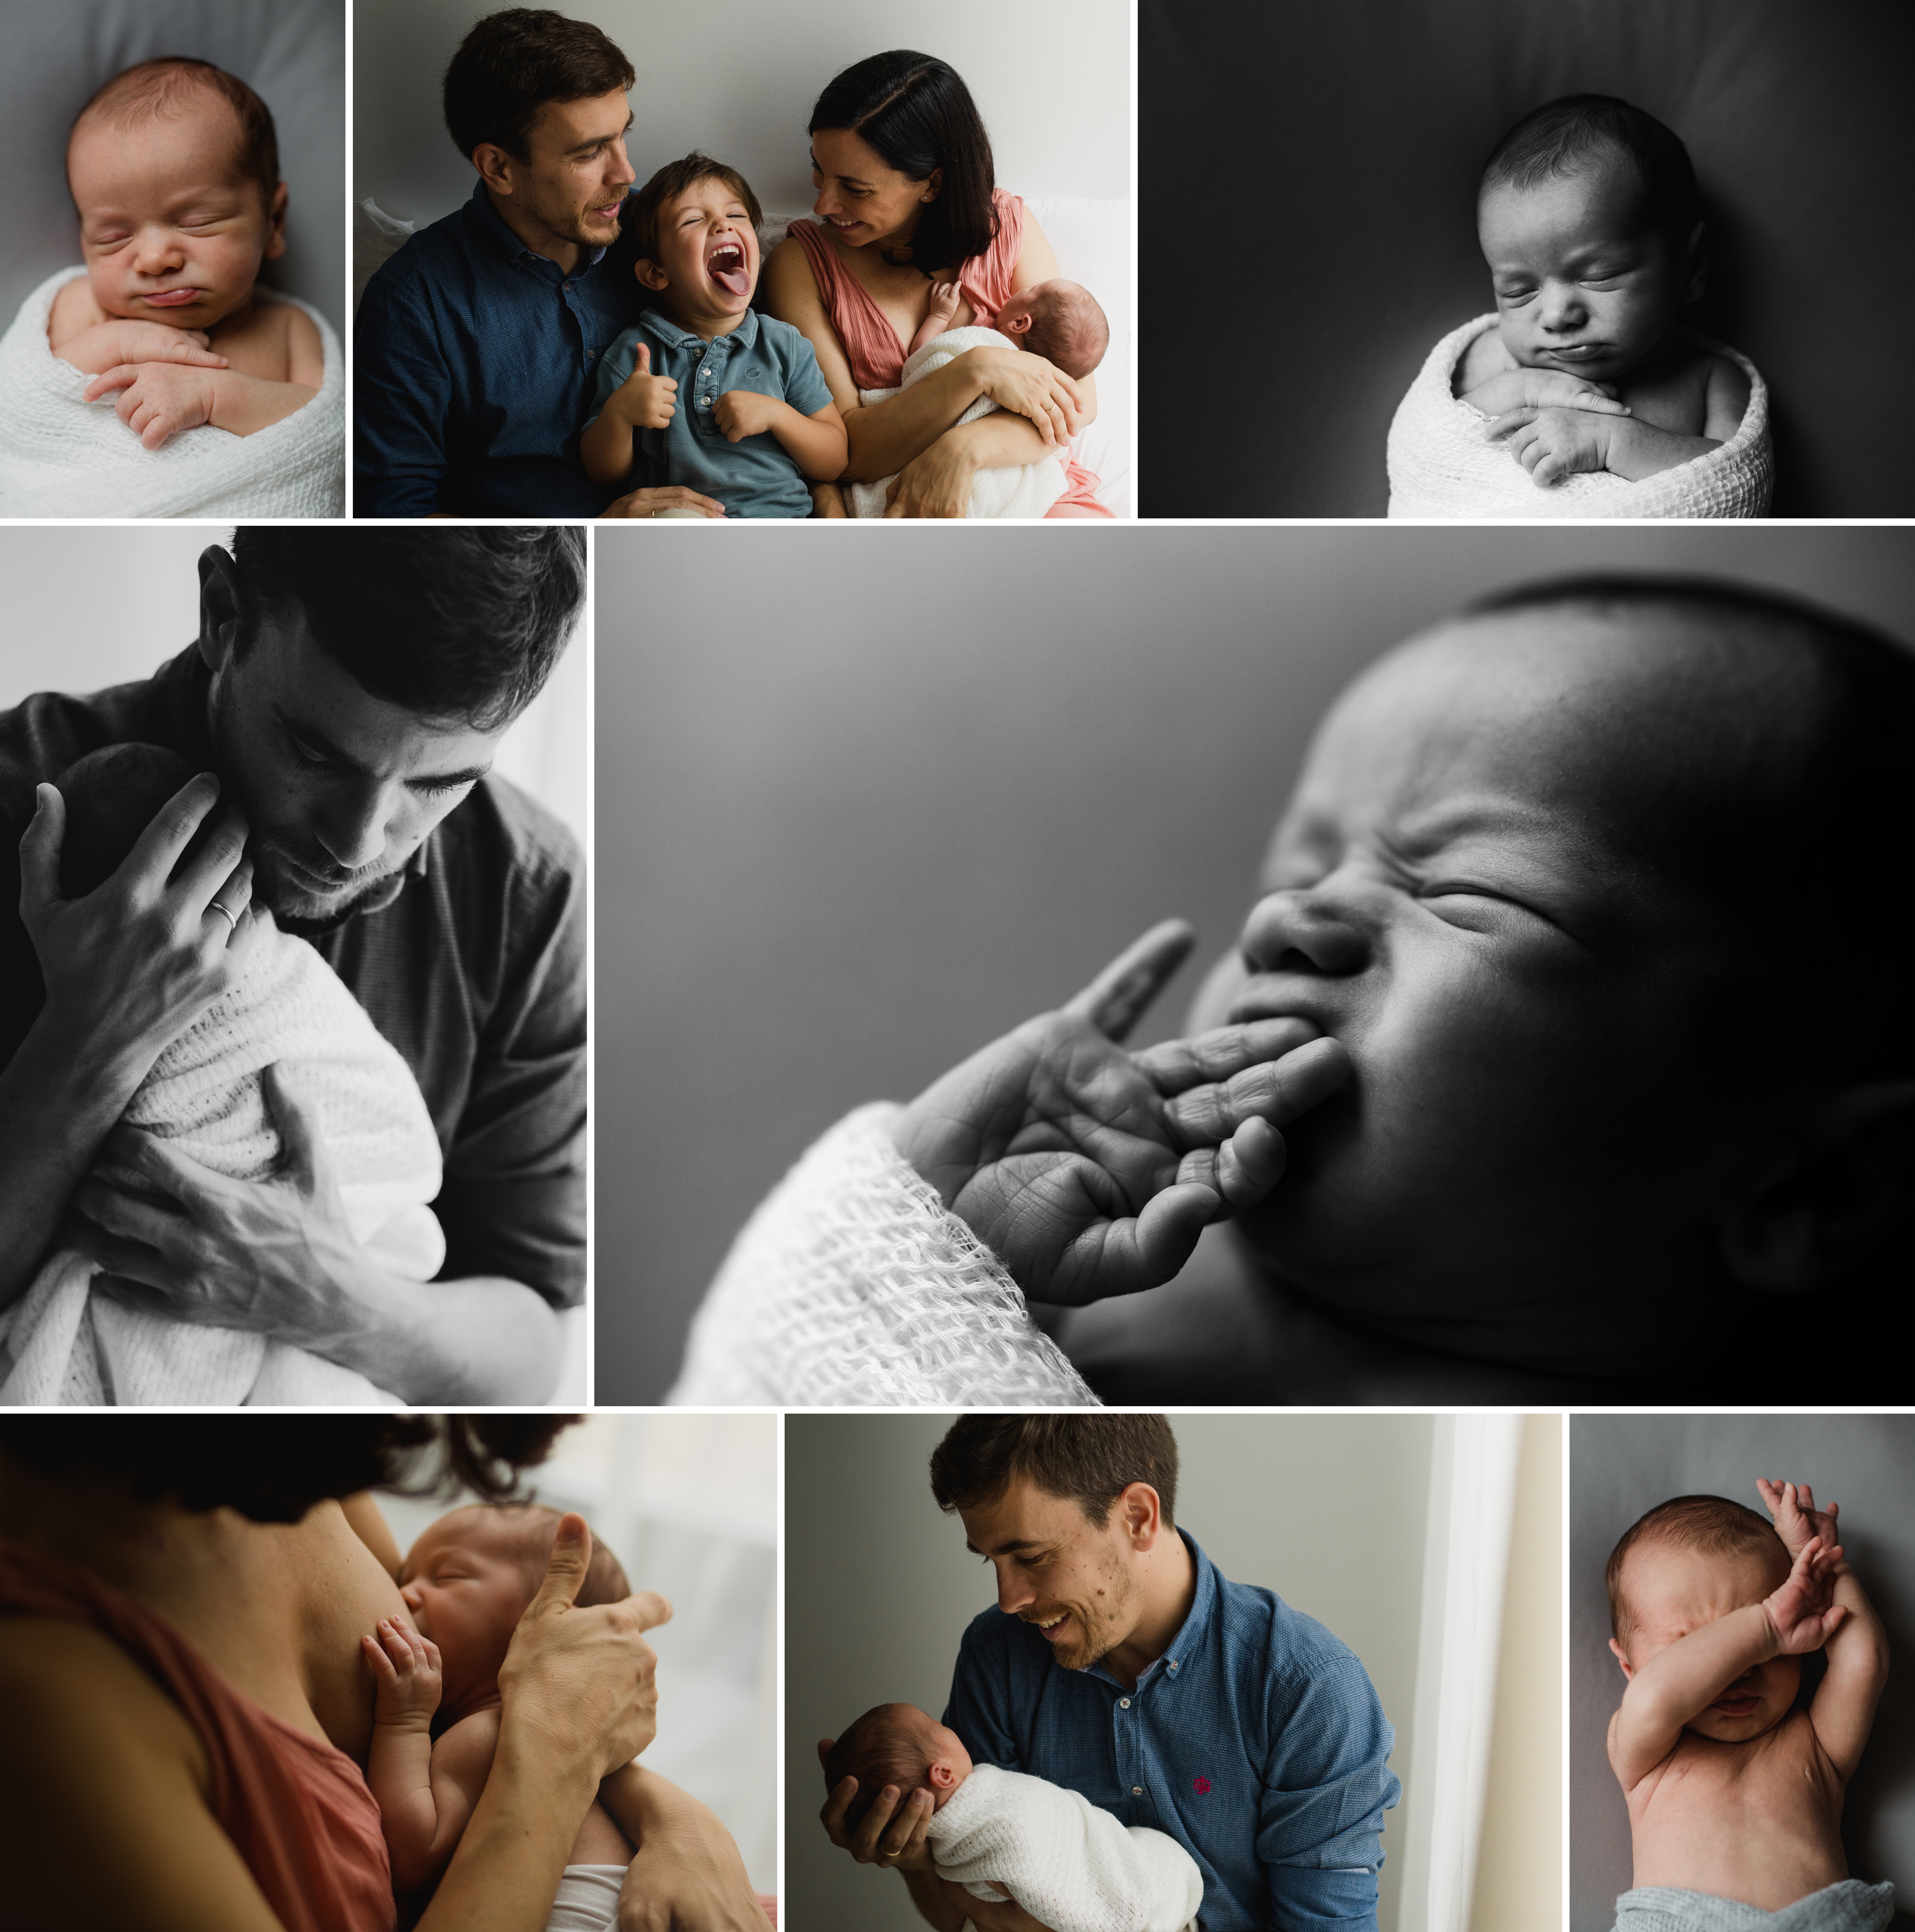 Sesión de recién nacido diferente